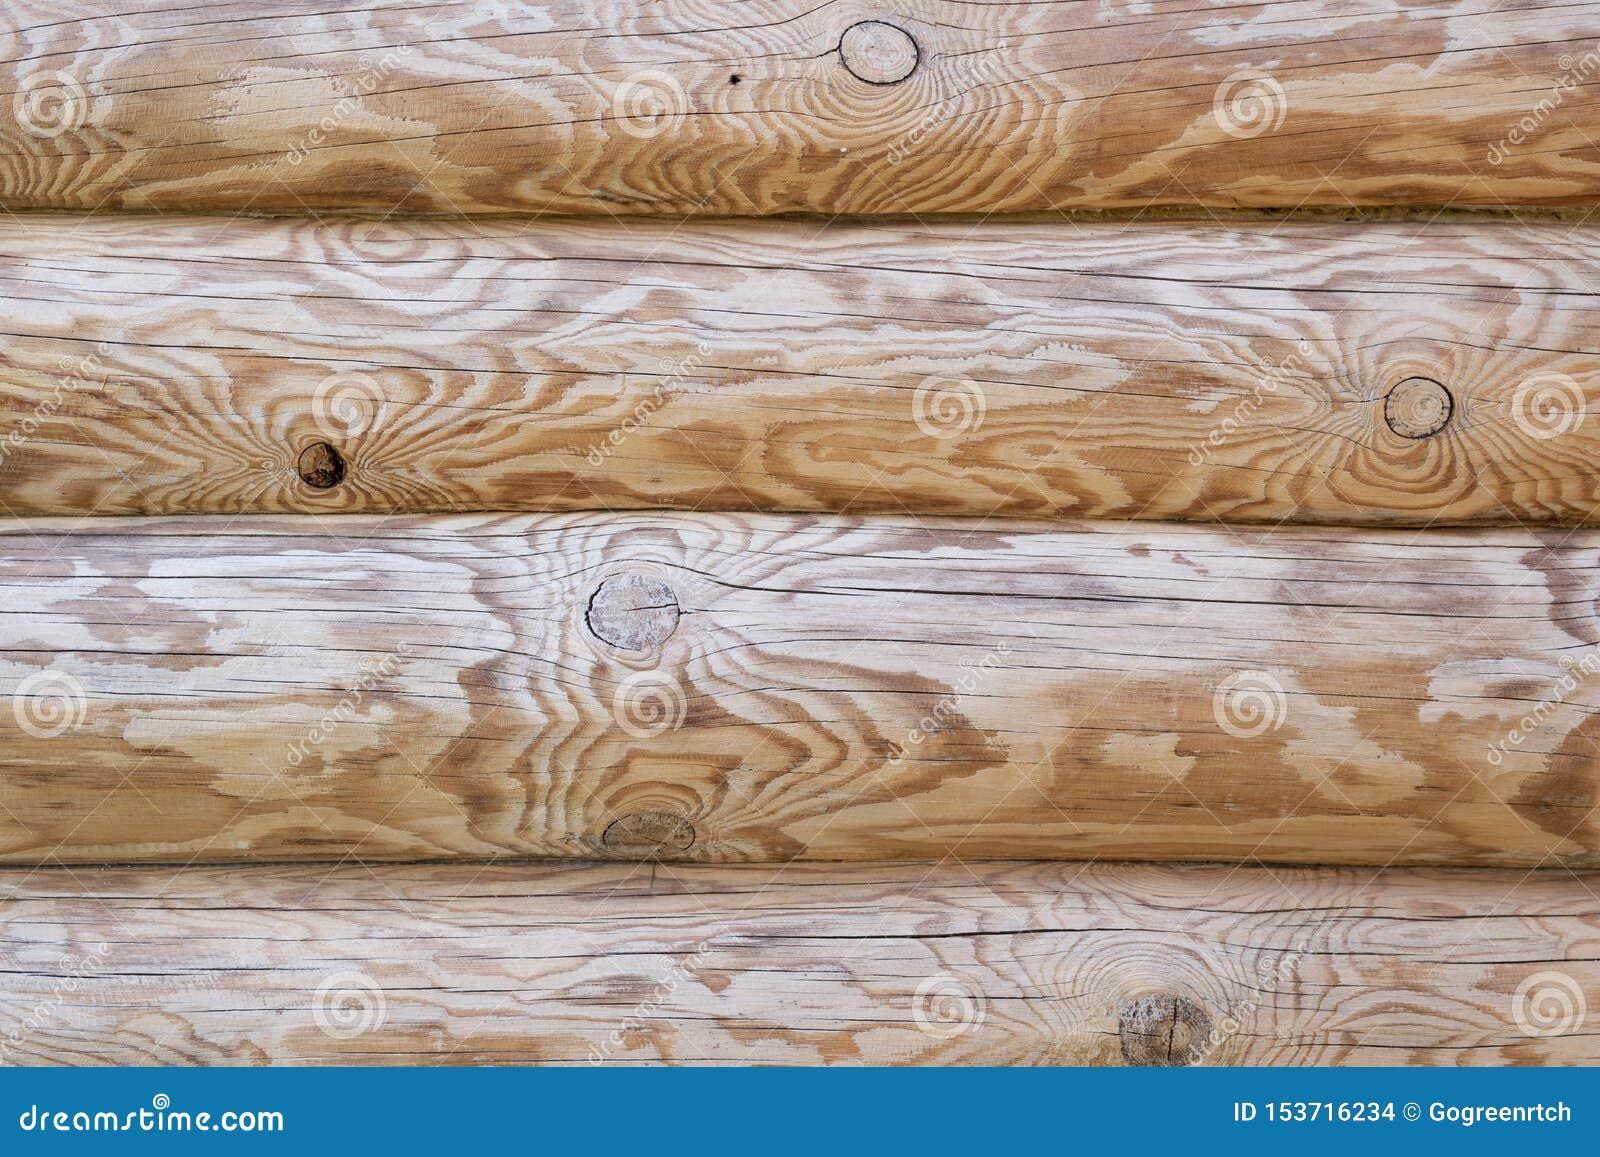 Καφετιά ξύλινη σύσταση από ολόκληρους τους κορμούς